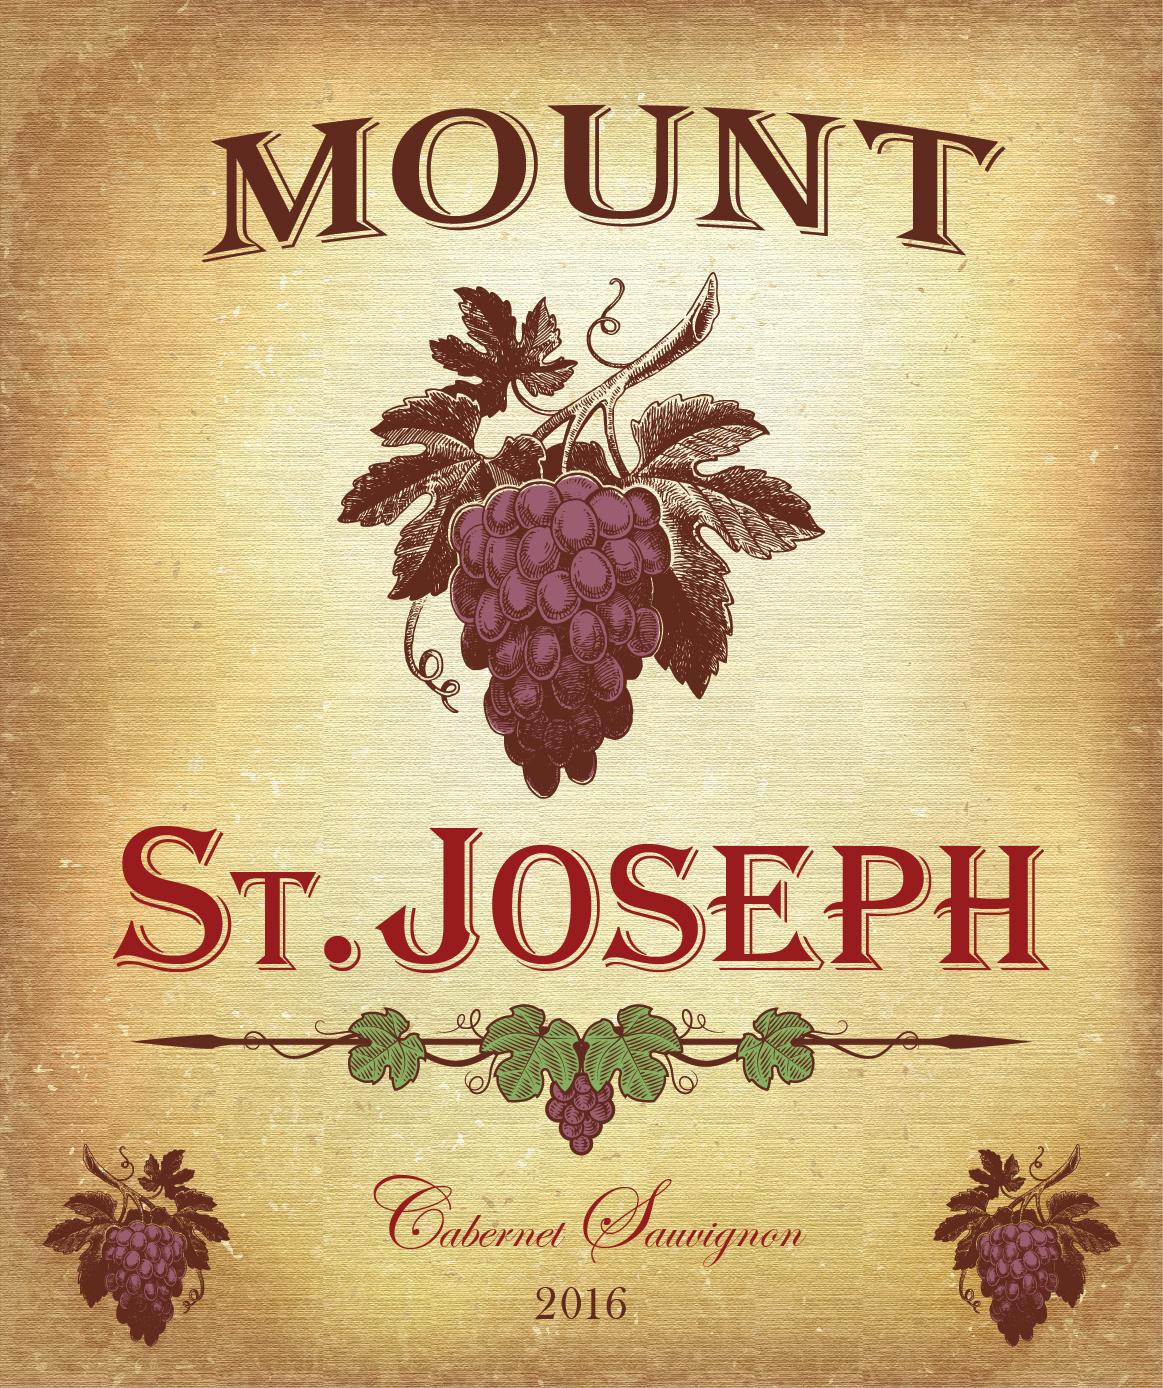 mount-st-joseph-label-v6.jpg